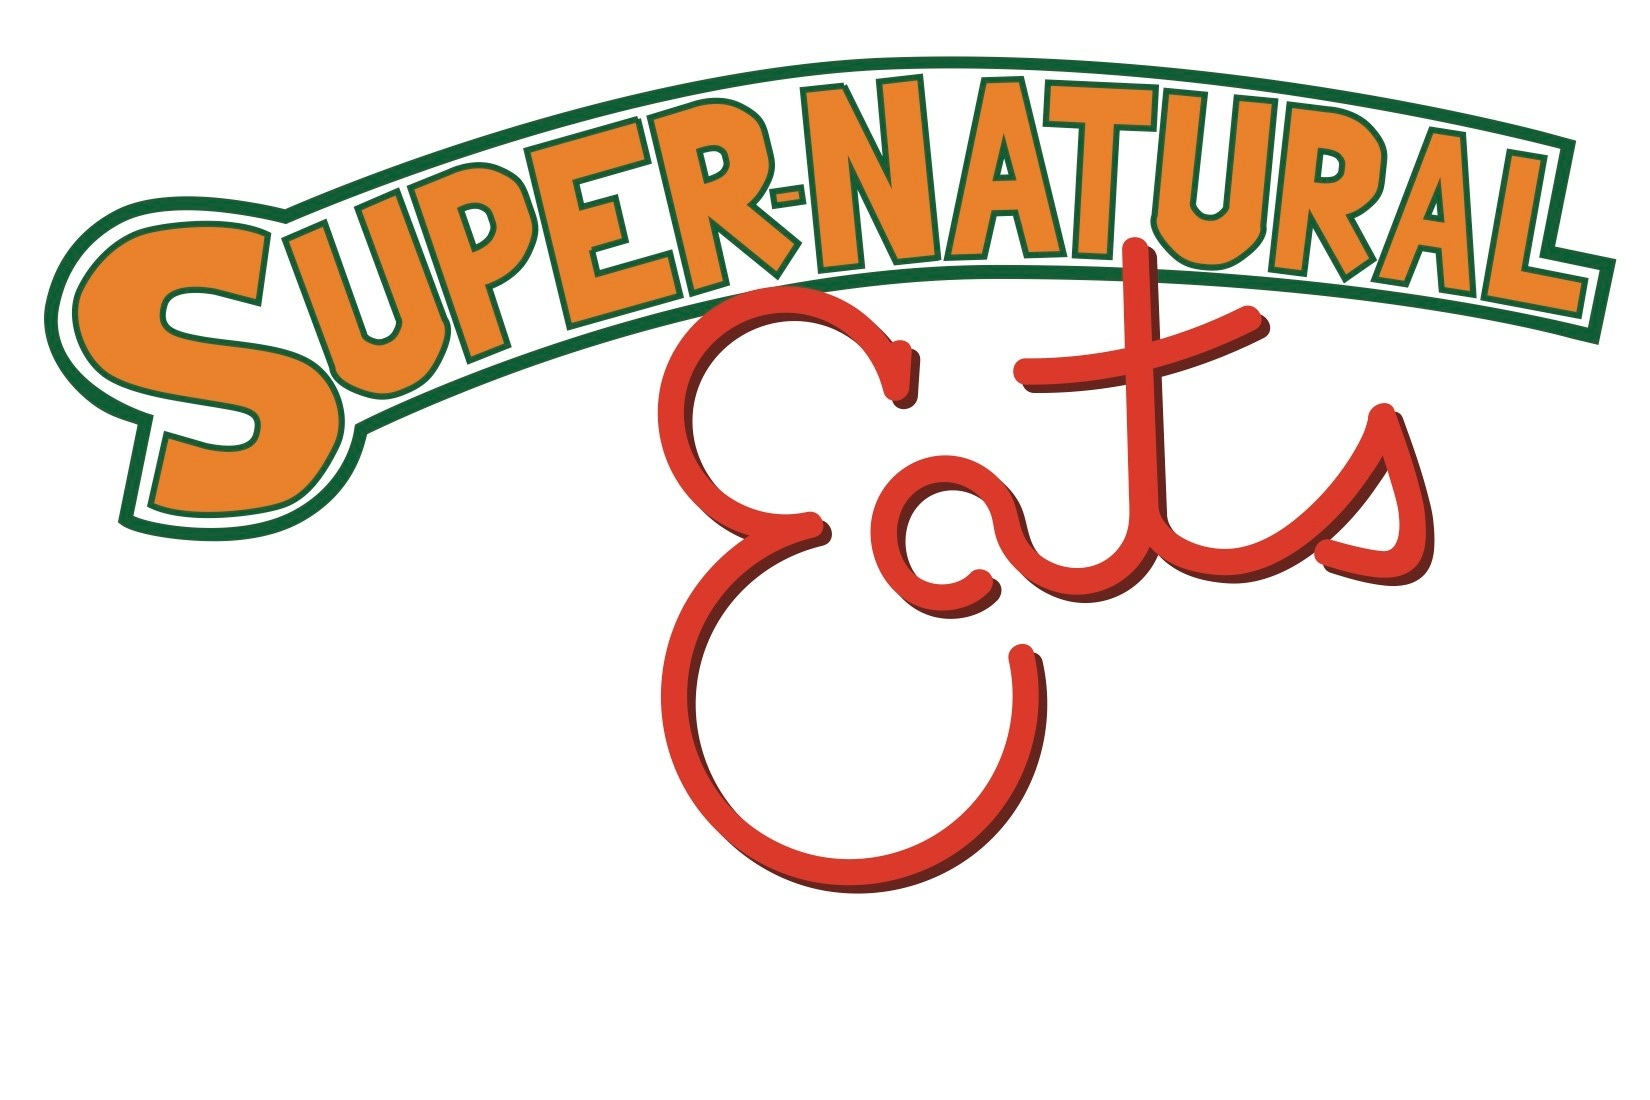 Super Natural Eats.jpg